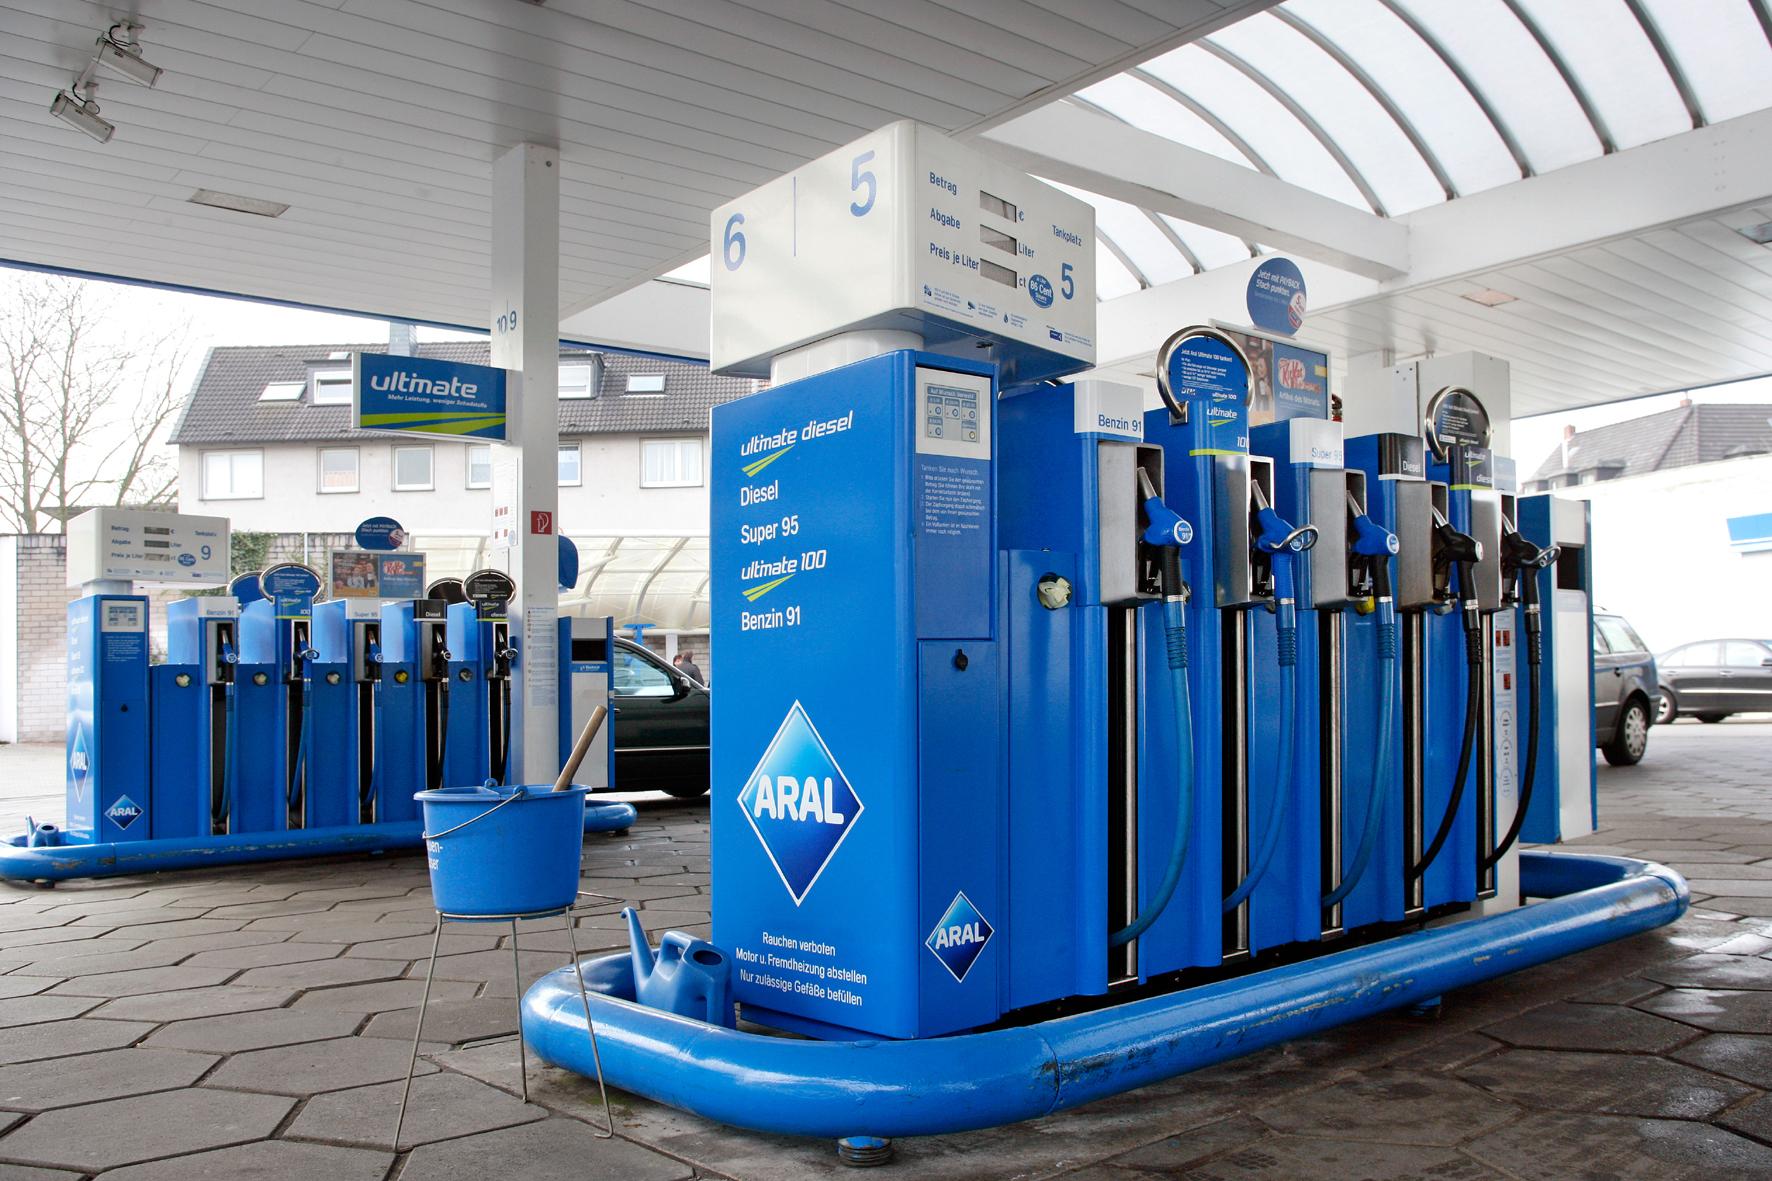 mid Düsseldorf - Benzin ist in Deutschland aktuell 27,2 Cent teurer als Diesel, obwohl die steuerliche Differenz bei nur 22 Cent liegt. Grund ist eine hohe weltweite Nachfrage von Otto-Kraftstoffen.